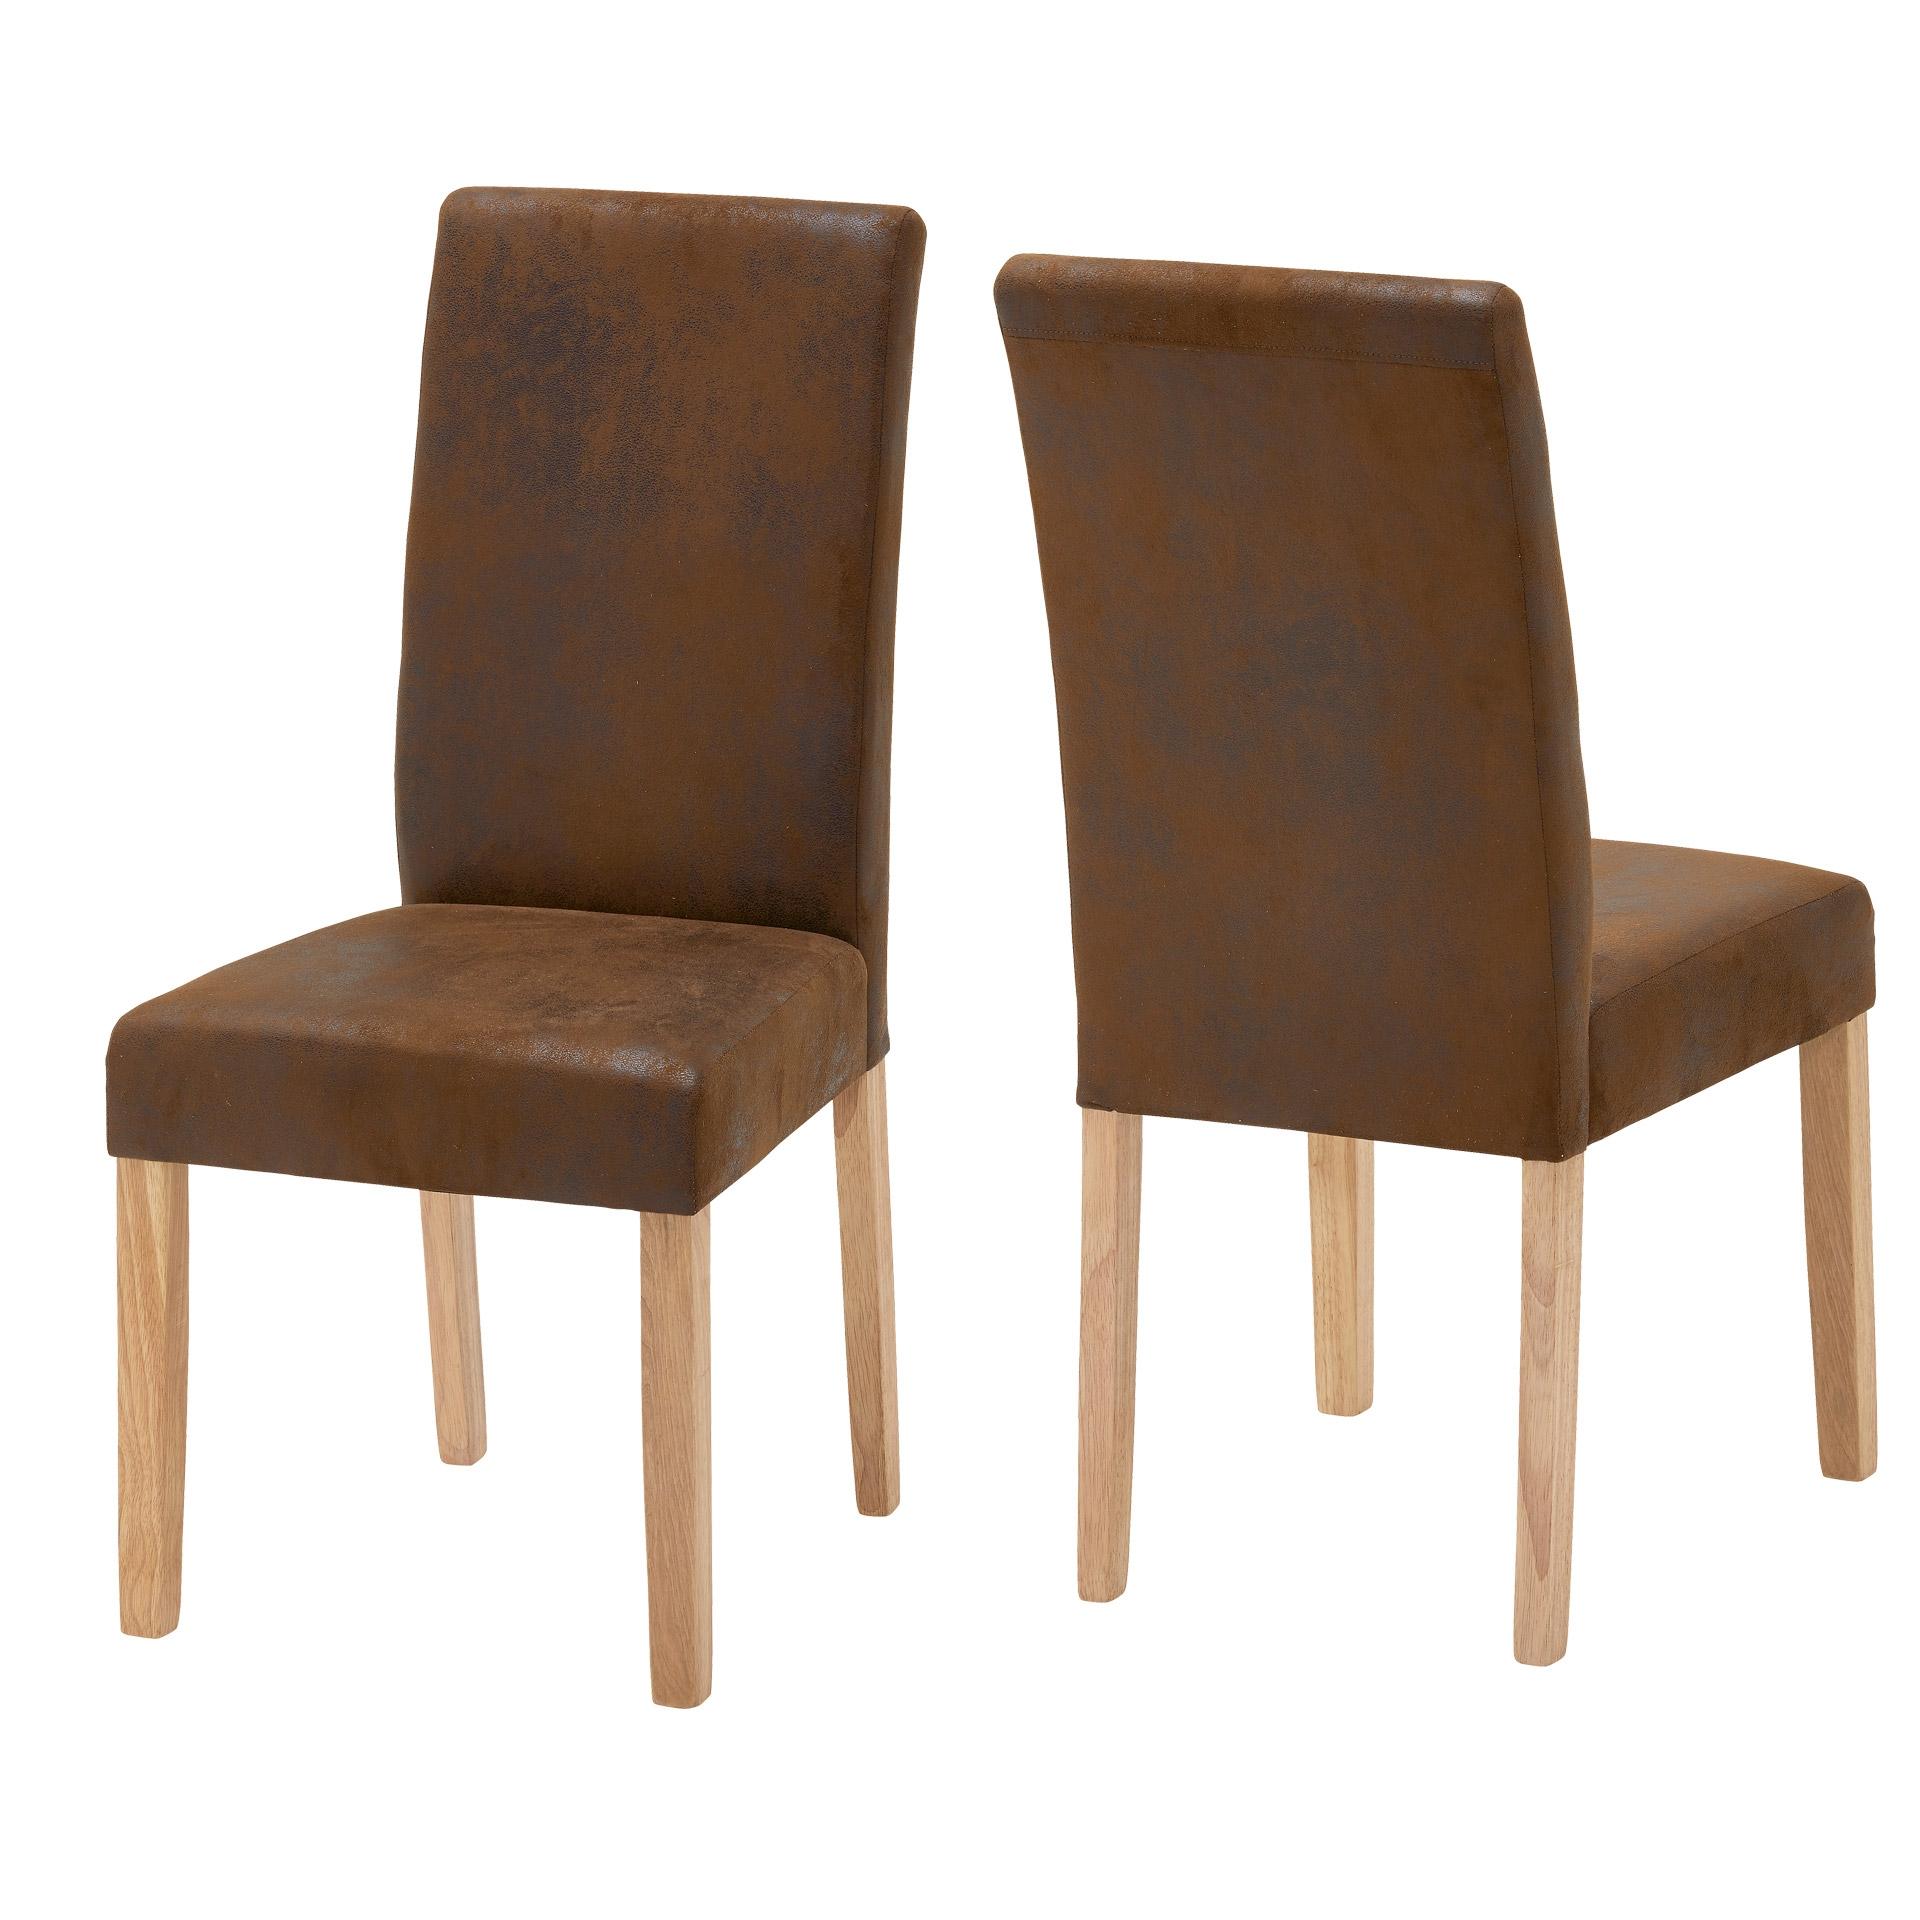 2er set polsterstuhl tureby braun. Black Bedroom Furniture Sets. Home Design Ideas